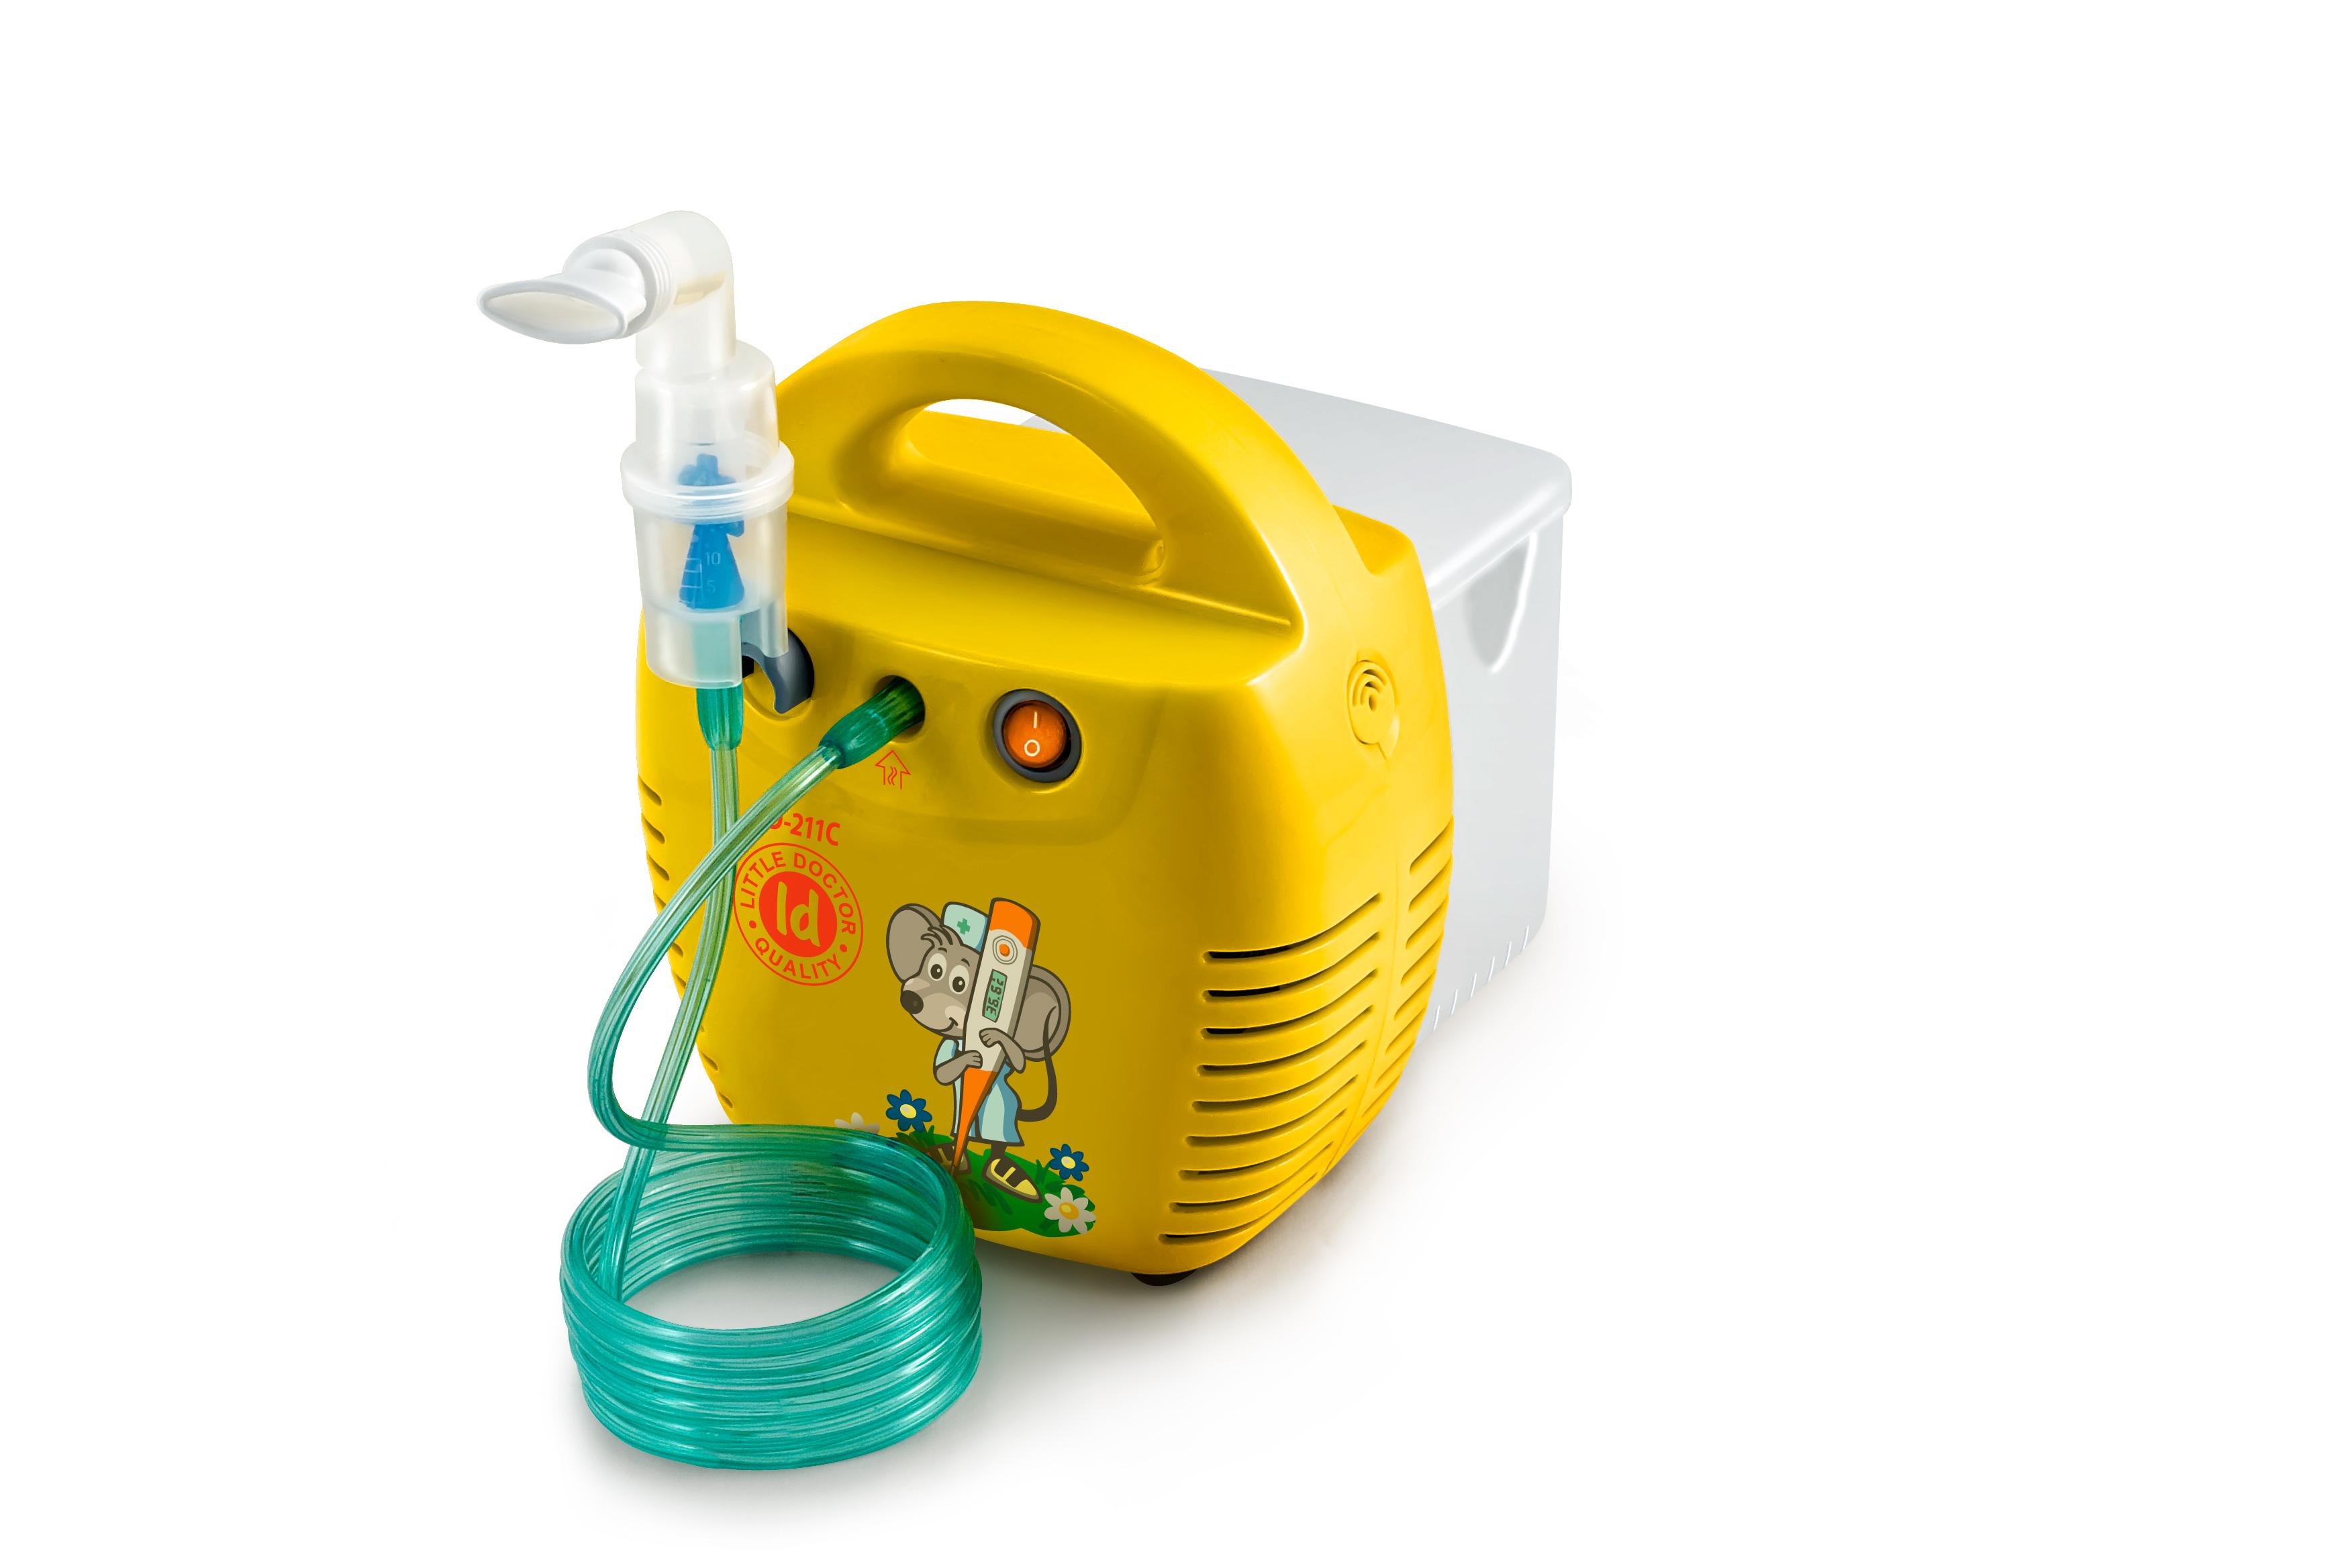 Little Doctor Ингалятор компрессорный LD-211 желтый0001478Компрессорный ингалятор LD-211C разработан для лечения заболеваний дыхательный путей и легких. Его легко использовать и в лечебных учреждениях, и в домашних условиях. Модель имеет два цветовых варианта: белый и желтый.При вдохе ингалятор активируется, и его специальная конструкция позволяет получить поток воздуха с высокой концентрацией аэрозоля. При выдохе потери аэрозоля незначительны, что делает процедуру ингаляции качественной и эффективной.Малошумный ингалятор LD-211C отличает возможность использования для ингаляции различных лекарственных средств и их низкий остаточный объем.Благодаря наличию в комплекте прозрачной пластиковой коробки прибор удобно хранить и переносить.Комплект поставки:Компрессор - 1 шт.Небулайзер (муфта, отбойник, верхняя и нижняя часть небулайзера)Отбойник - 1 шт.Маска ингаляционная взрослая - 1 шт.Маска ингаляционная детская - 1 шт.Маска ингаляционная детская (малая) - 1 шт.Насадка для носа взрослая - 1 шт.Насадка для носа детская - 1 шт.Мундштук ингаляционный - 2 шт.Трубка ингаляционная 2 м - 1 шт.Фильтр ингаляционный - 5 шт.Угловой держатель для небулайзера - 1 шт.Пластиковый бокс - 1 шт.Предохранитель 1А 250 В - 2 шт.Инструкция на русском языкеГарантийный талон